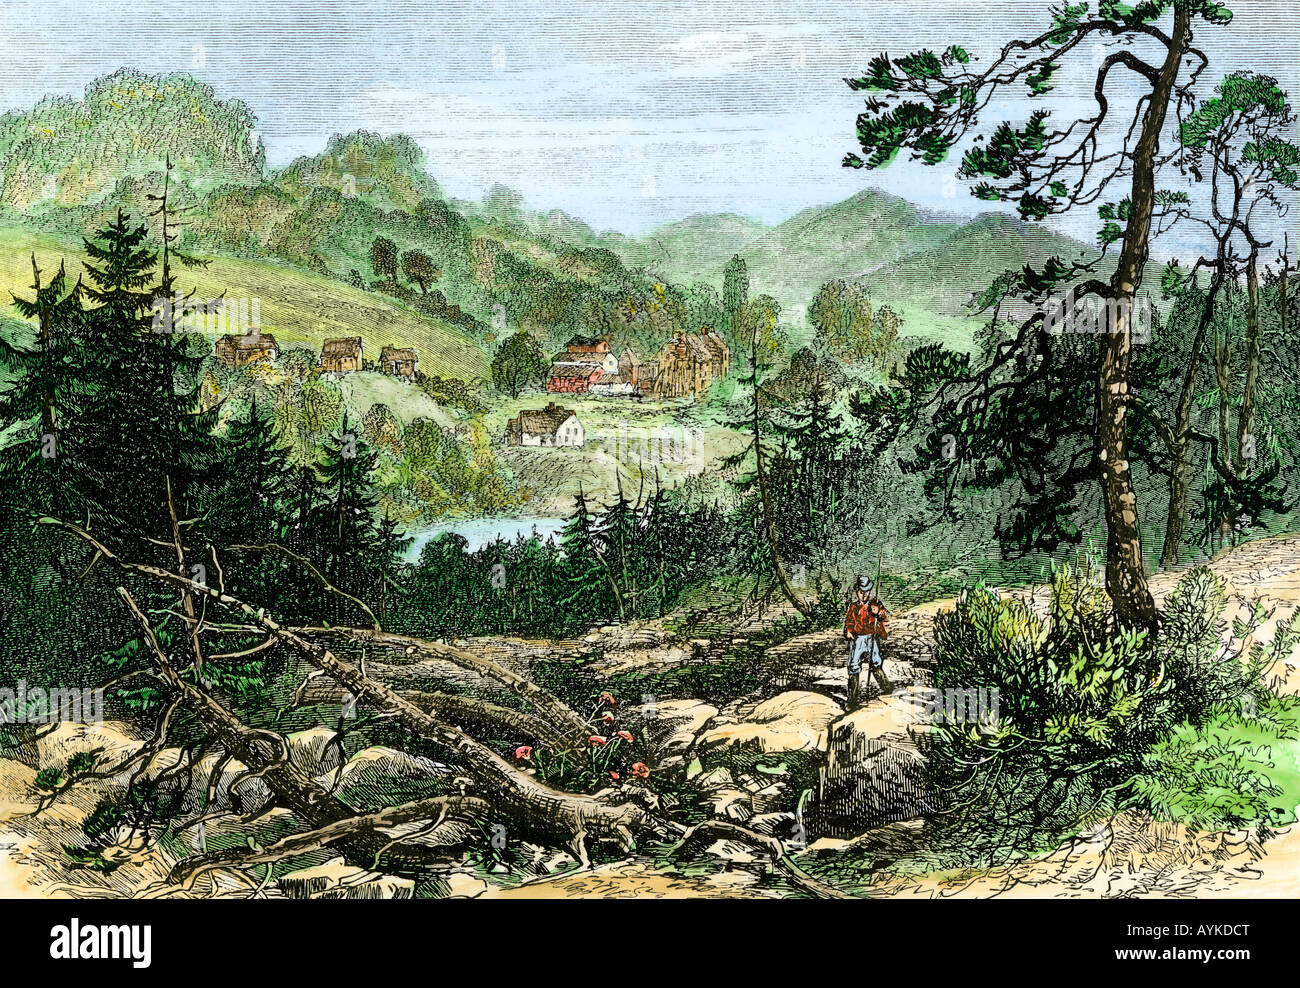 Pioniere canadese insediamento sulla frontiera 1800s. Colorate a mano la xilografia Immagini Stock